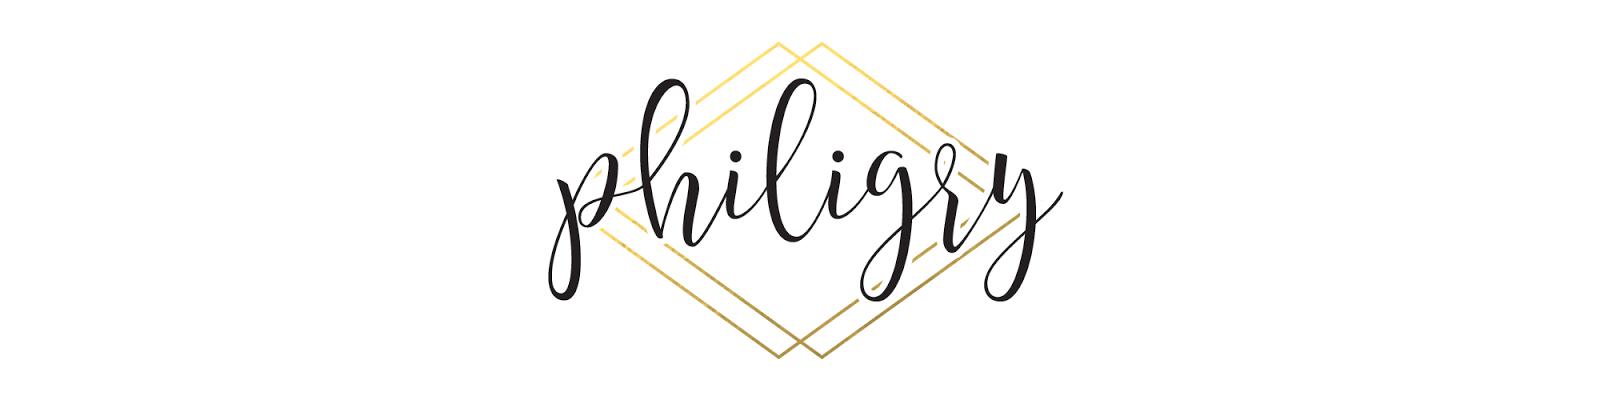 Philigry